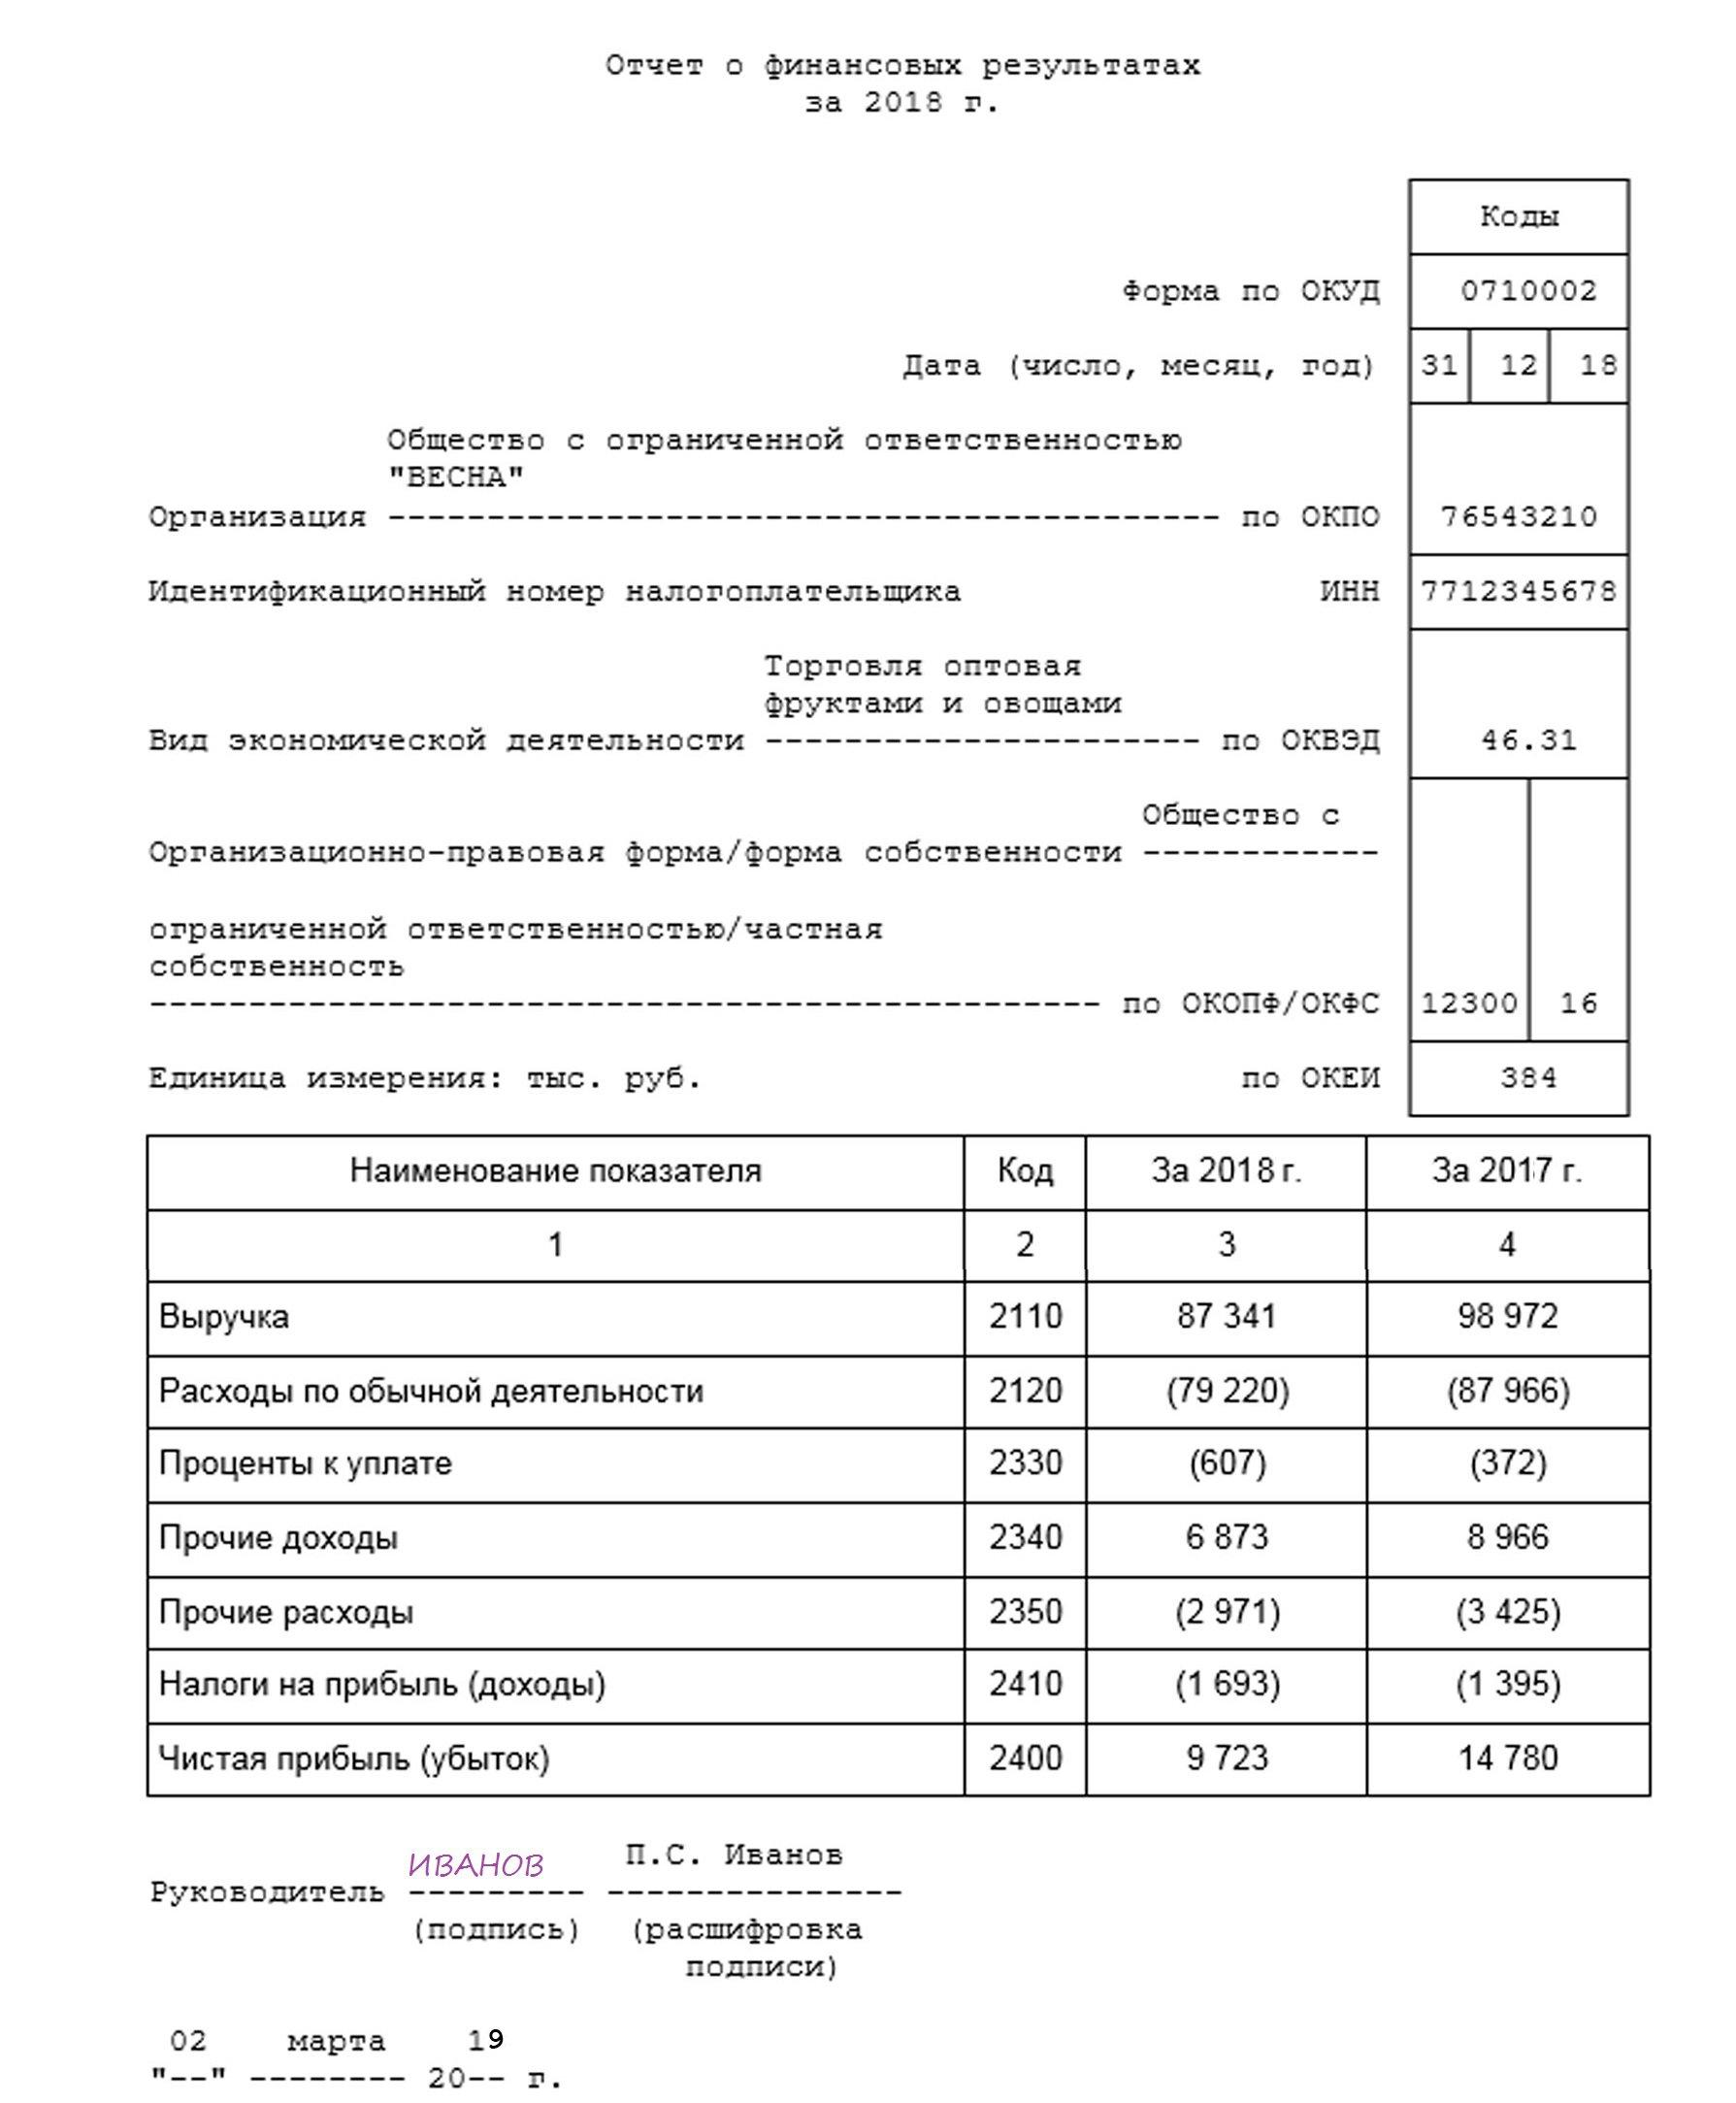 Вид на жительство в россии перечень документов и срок рассмотрения